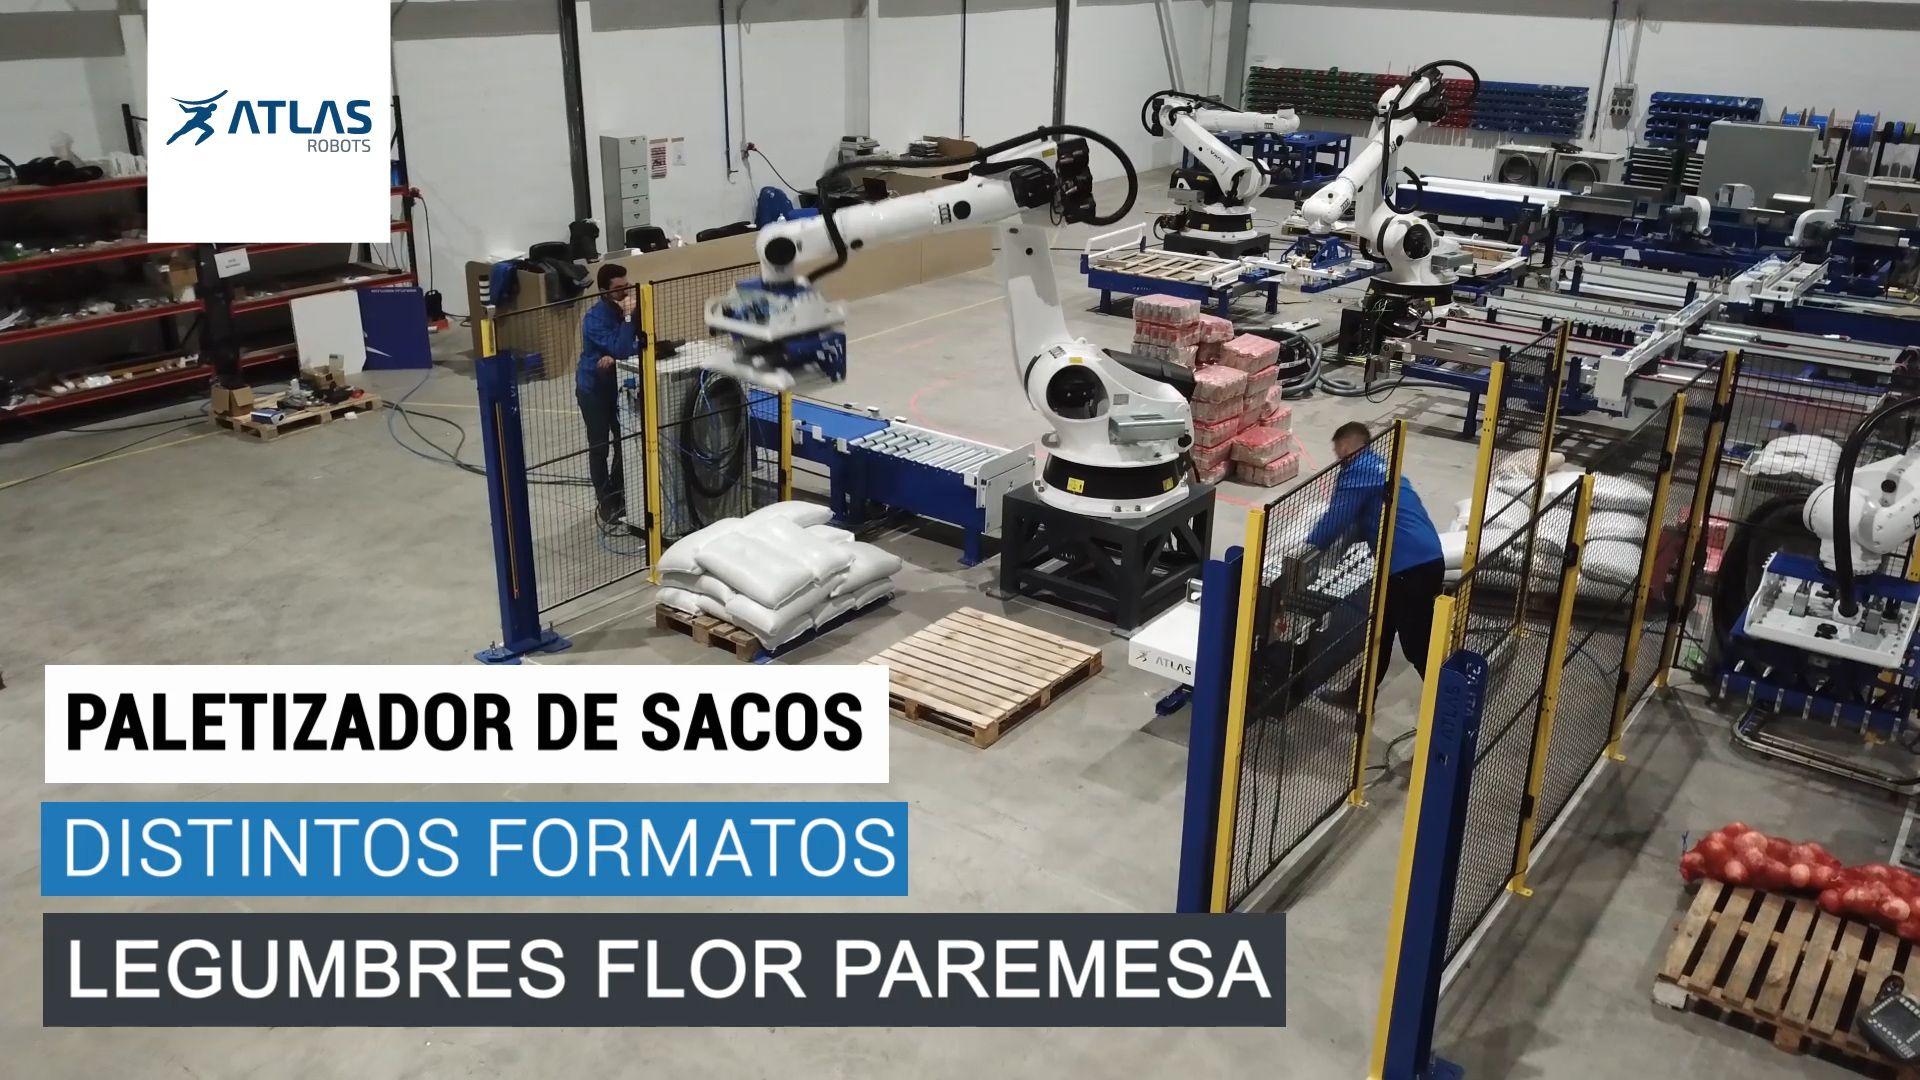 robot paletizador de sacos de legumbres – La Flor de Paramesa